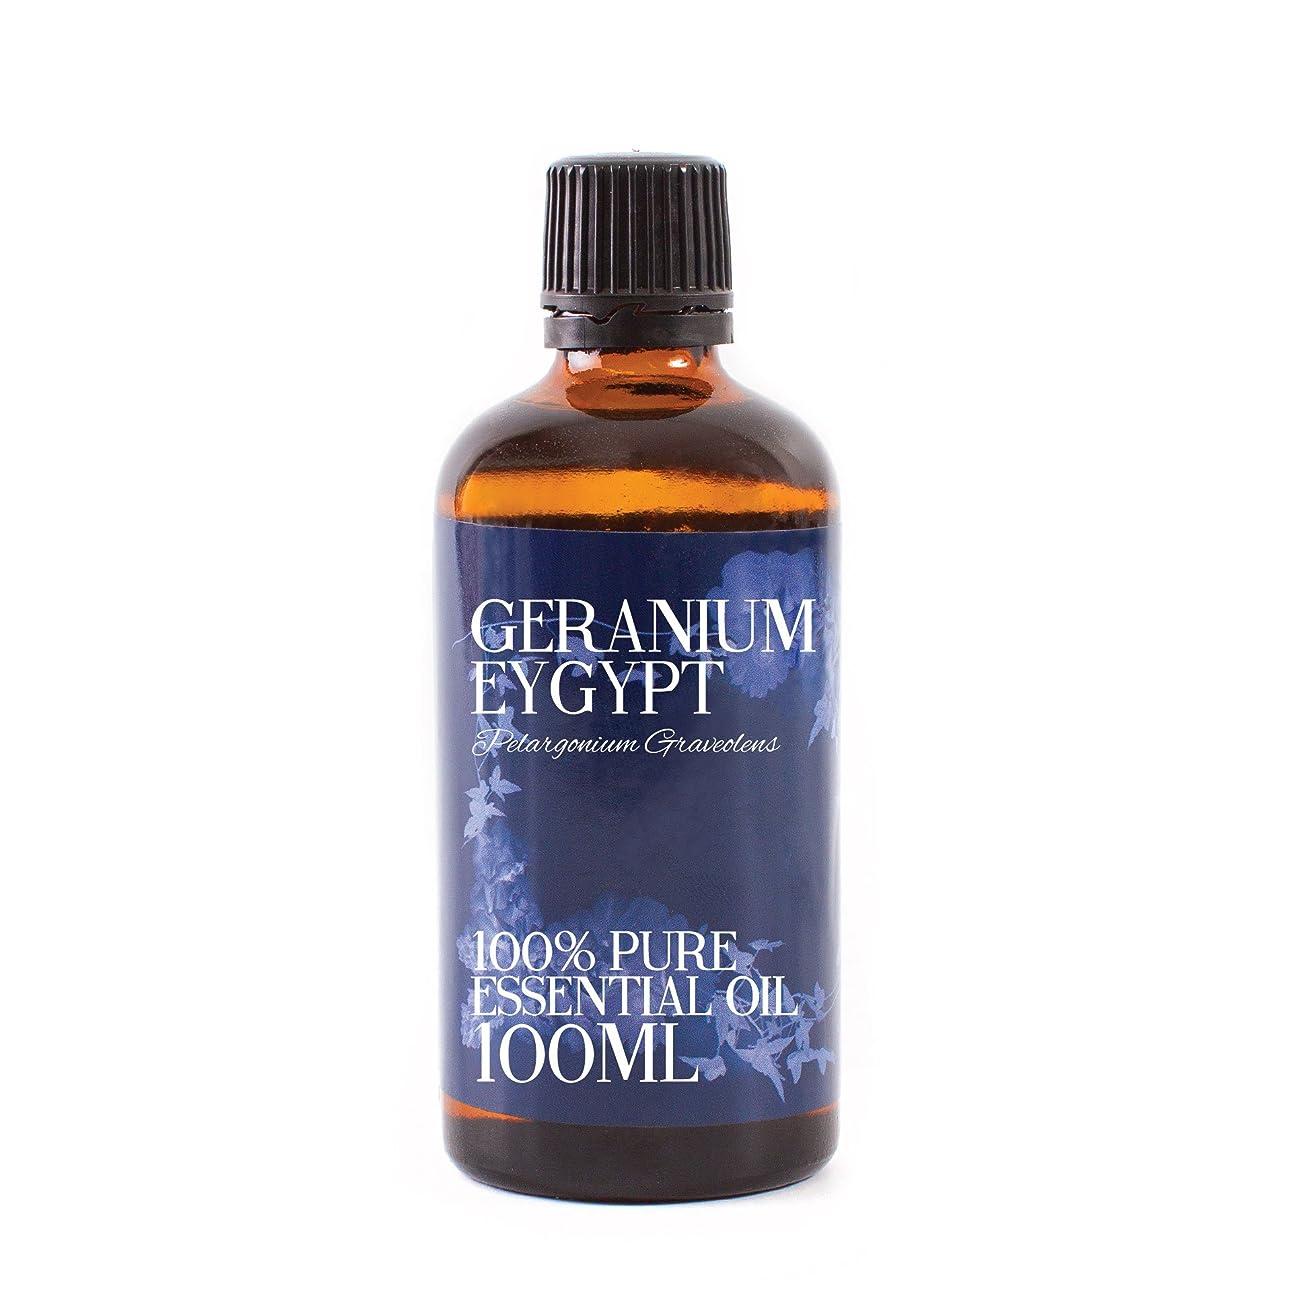 インスタント緑レオナルドダMystic Moments | Geranium Egypt Essential Oil - 100ml - 100% Pure